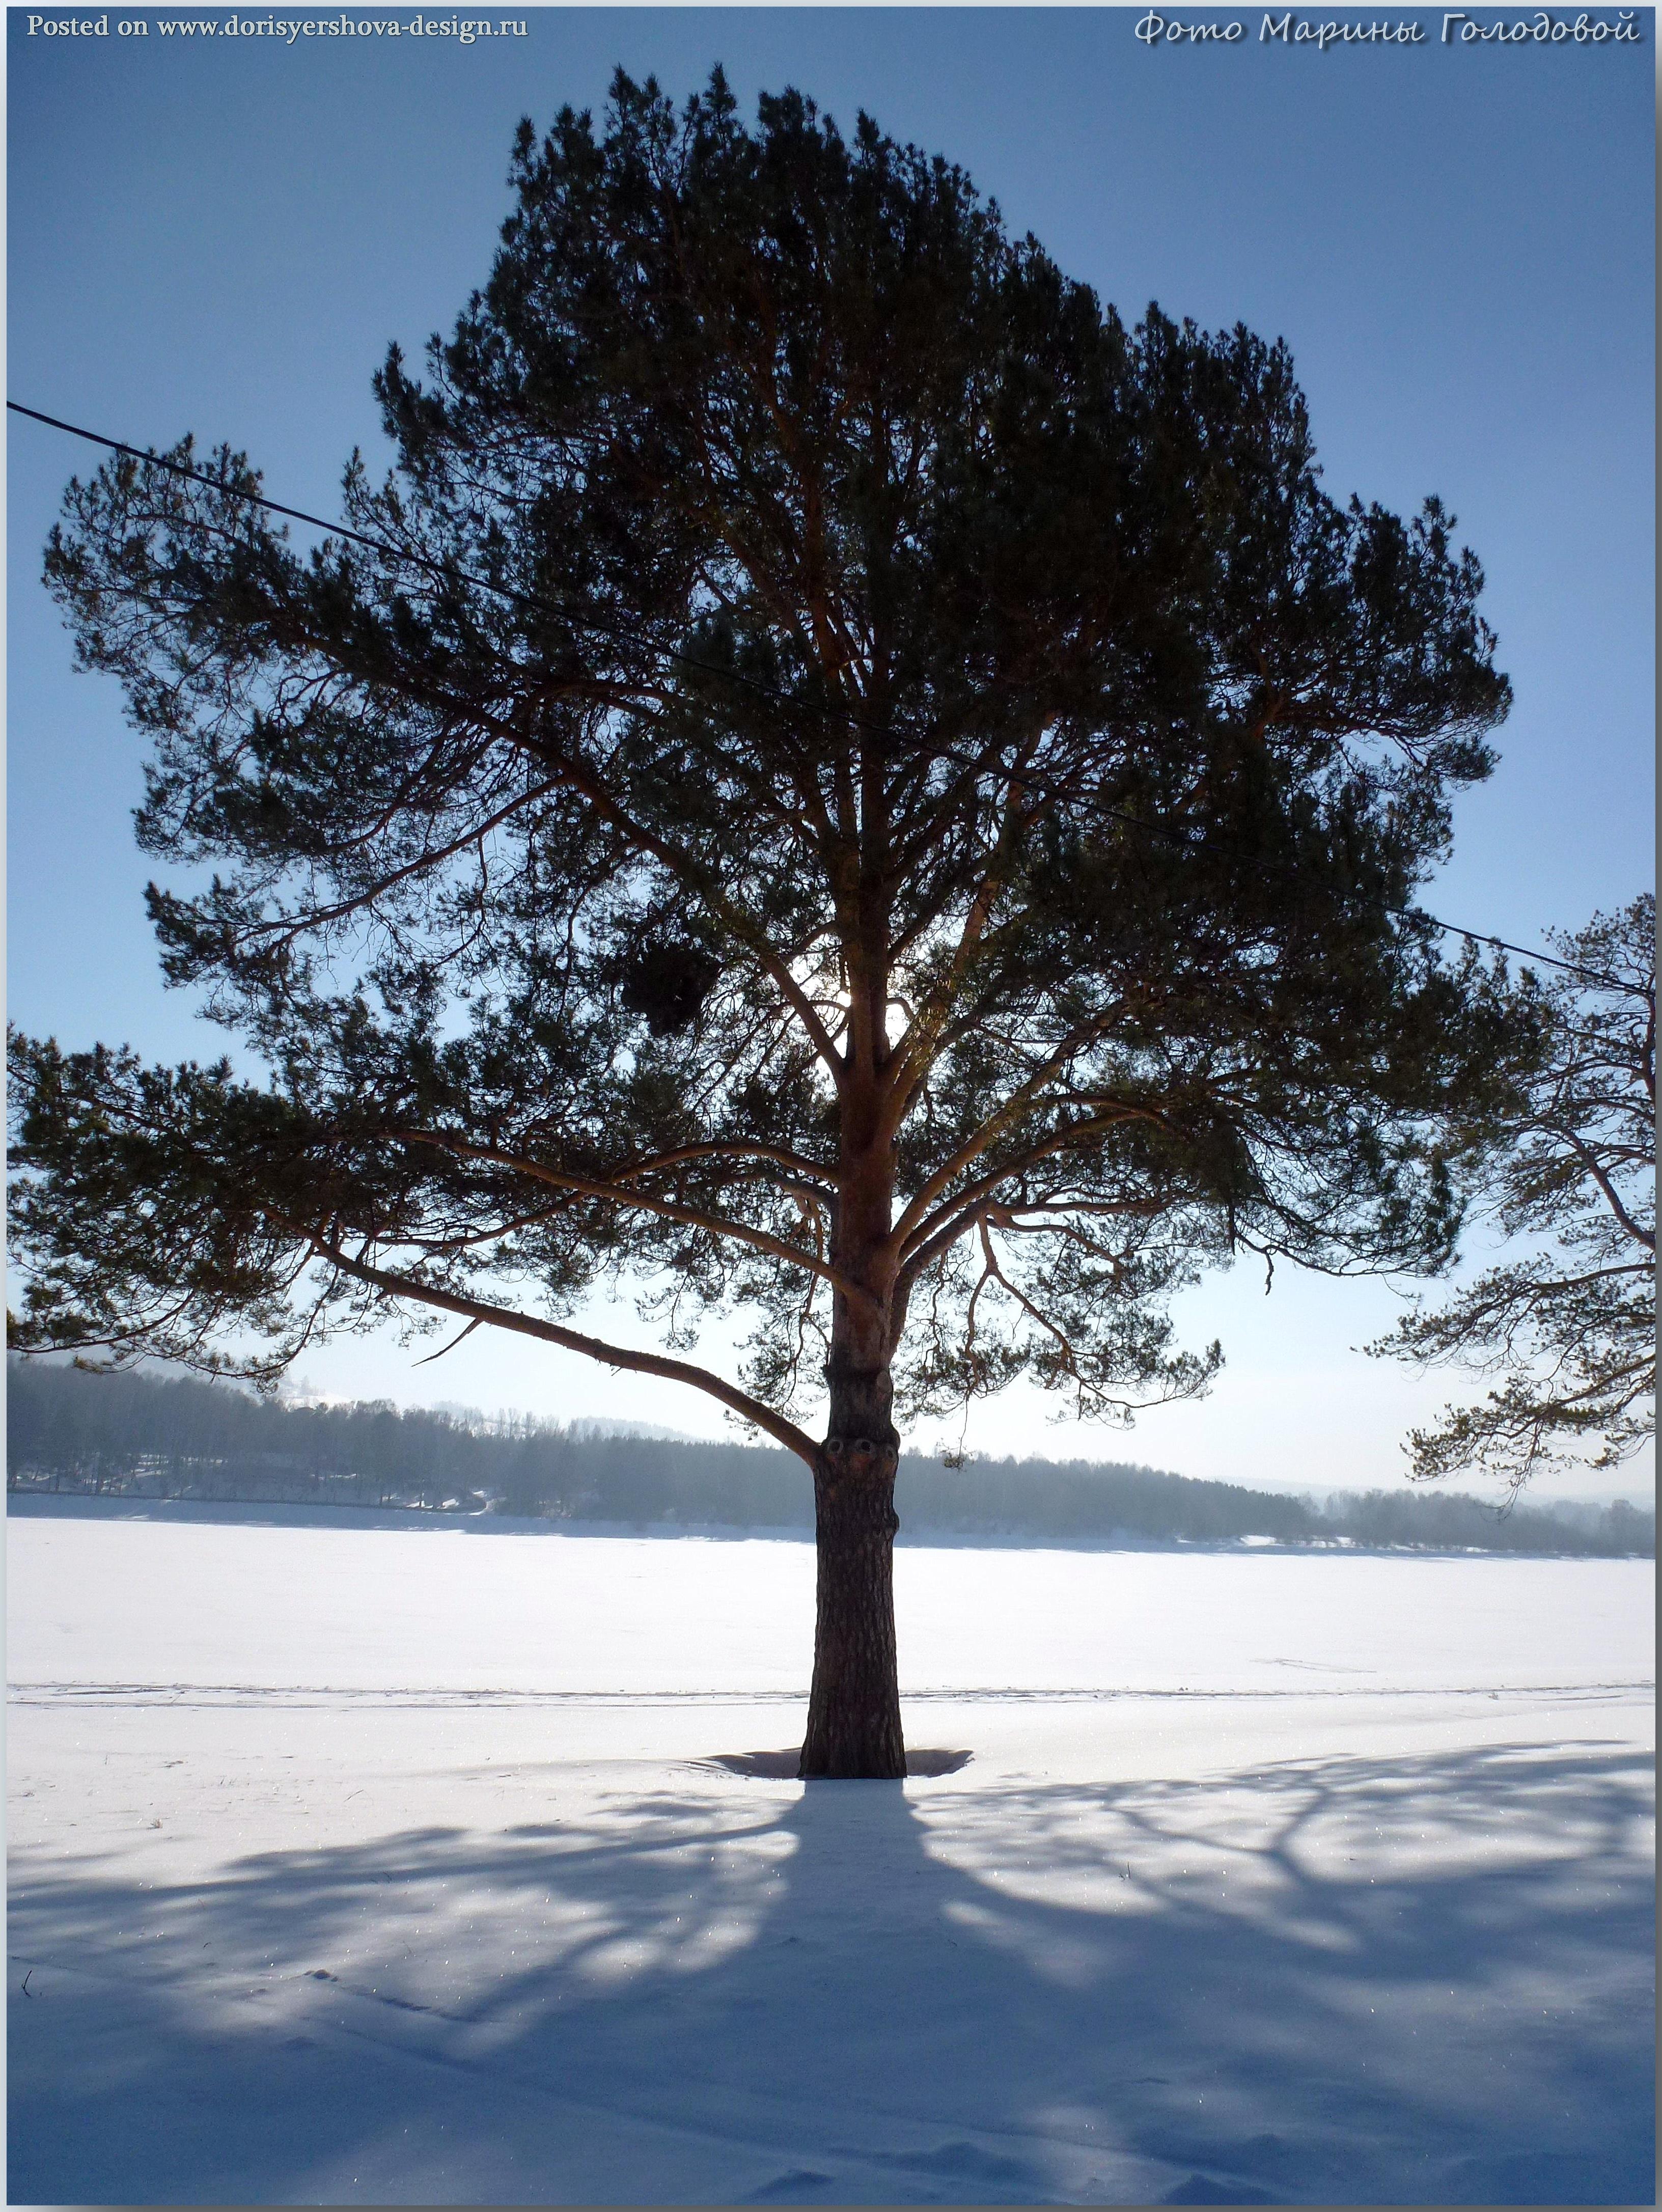 Сосны у пруда в Зеньковском парке. Фото - © Марина Голодова